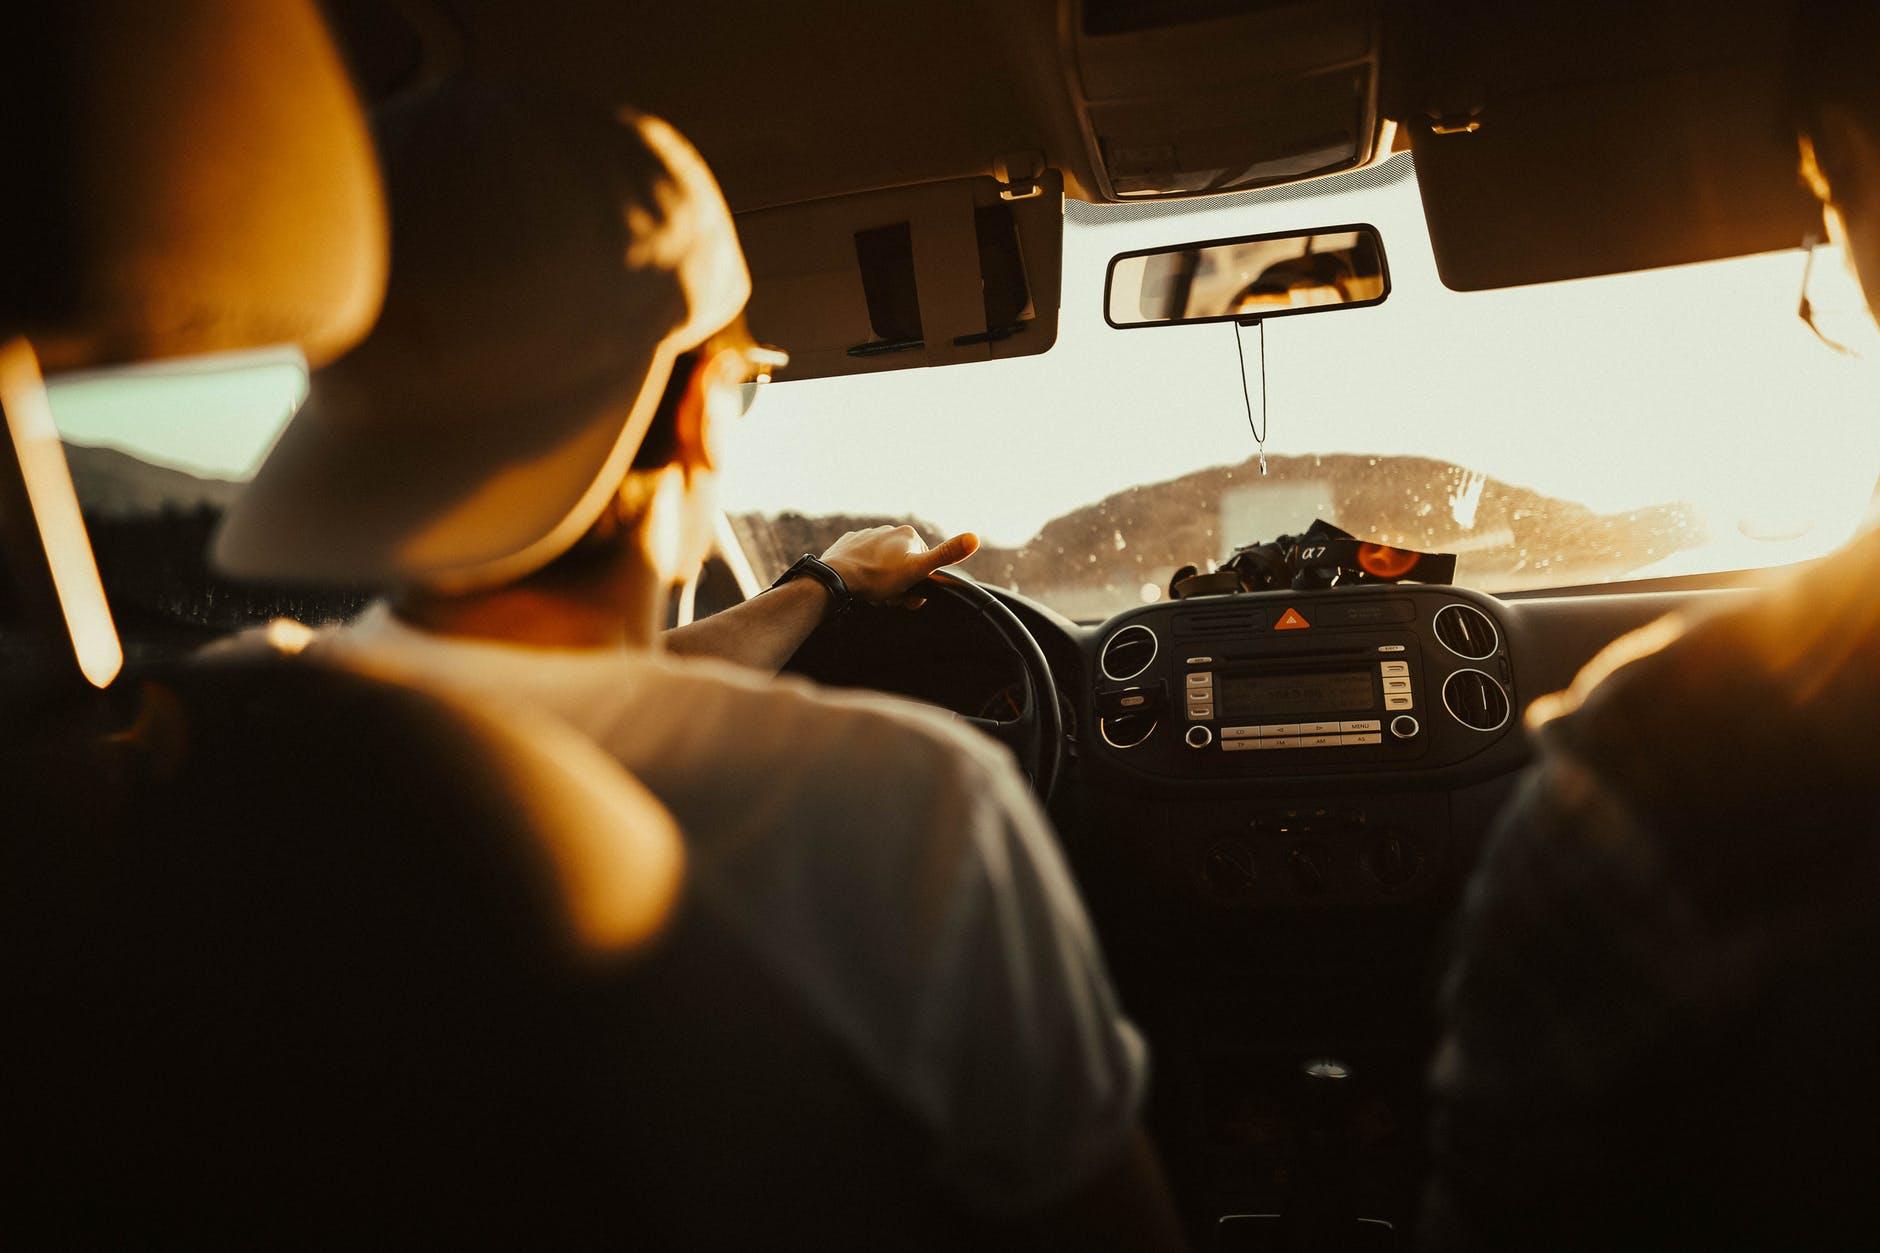 Malos hábitos al manejar que pueden dañar tu auto